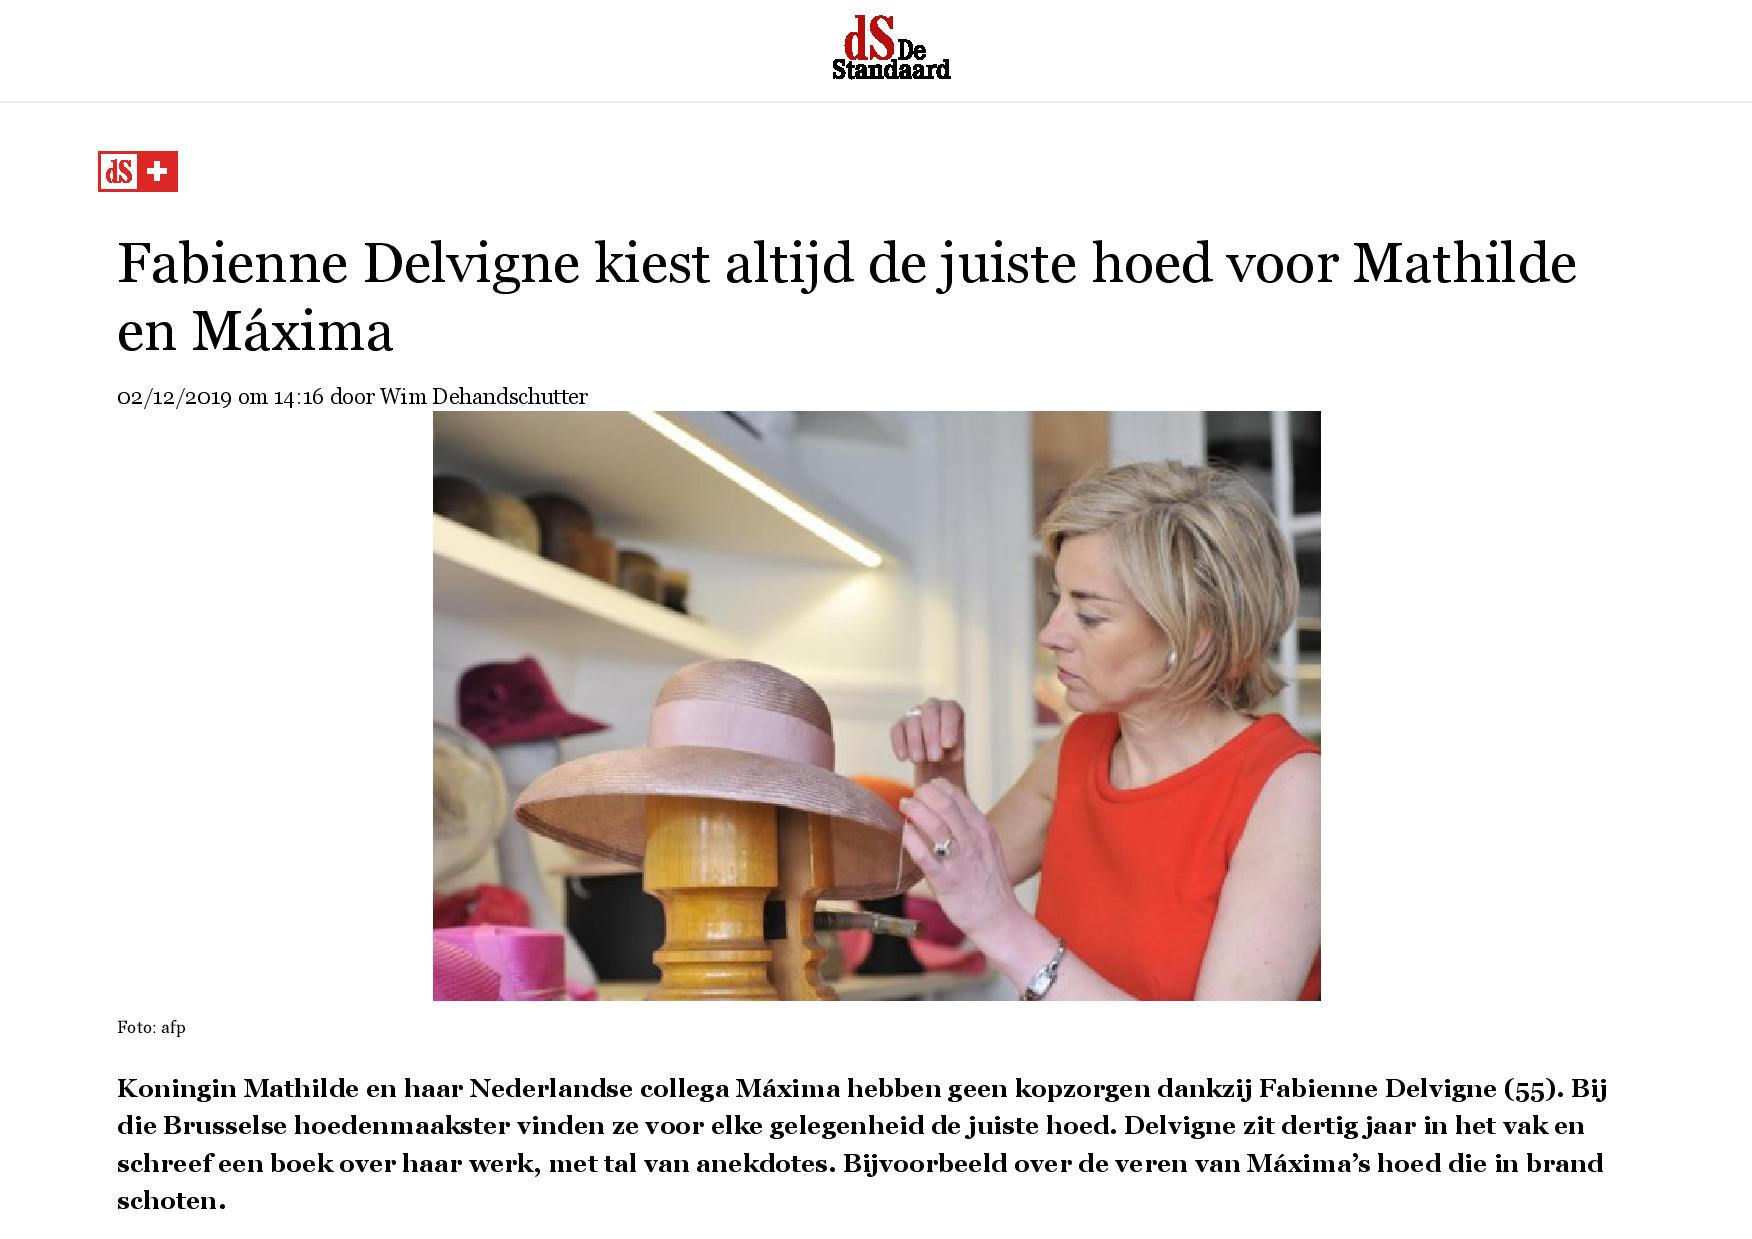 """De Standaard - """"Fabienne Delvigne kiest altijd de juiste hoed voor Mathilde en Máxima"""" (NL)"""